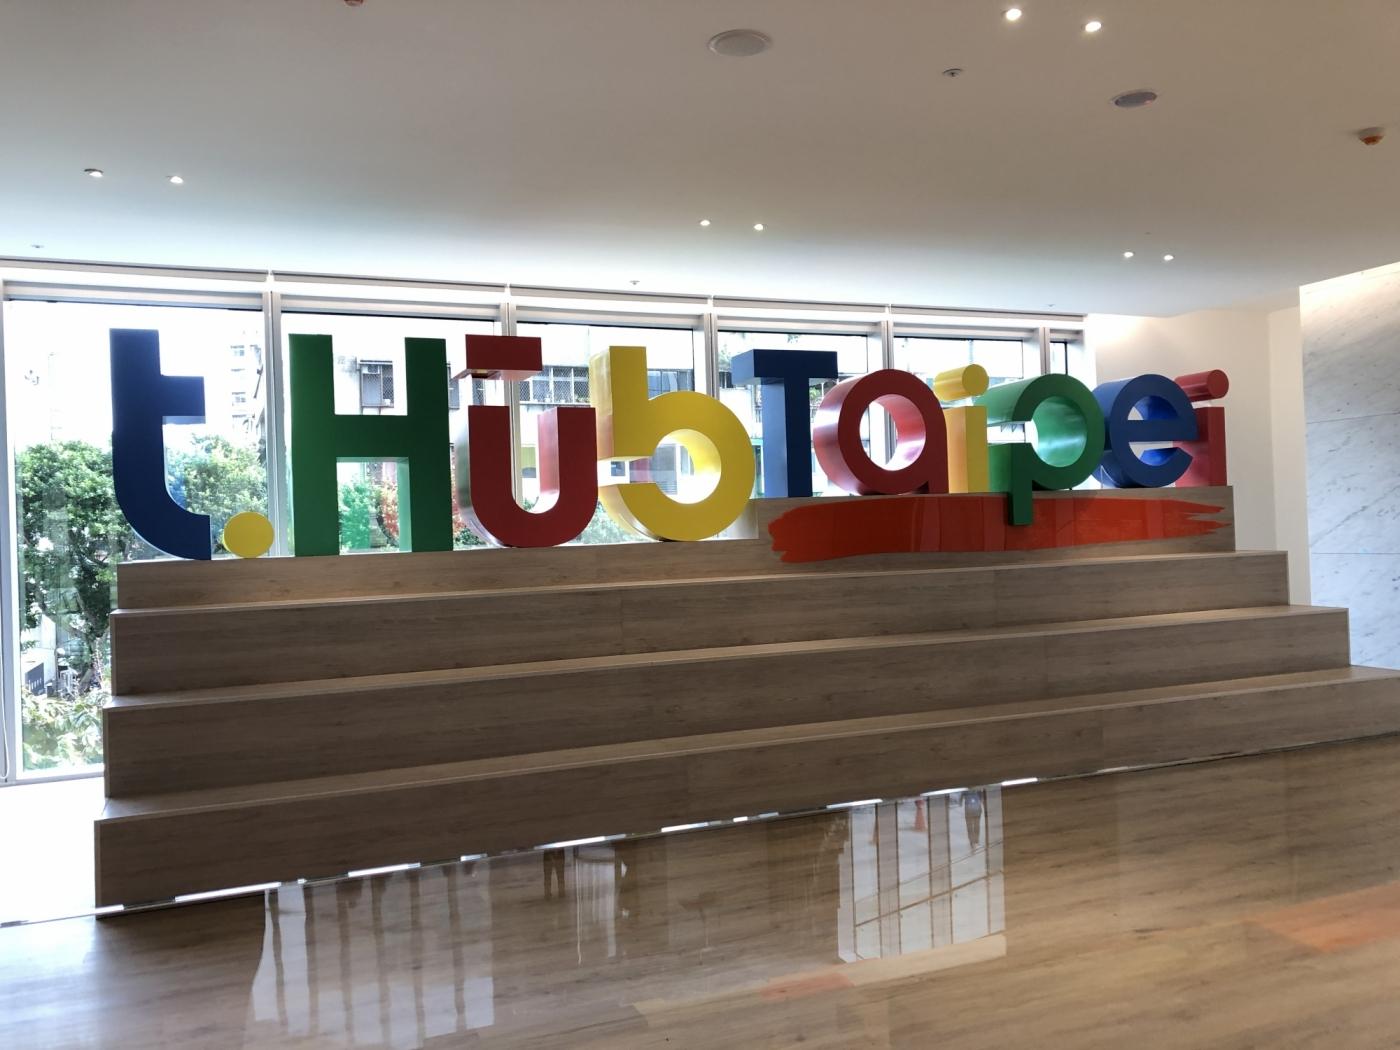 柯文哲任內首個BOT案!開箱超過7千坪的創新基地t.Hub:餐廳、醫院、「乖乖牆」都有